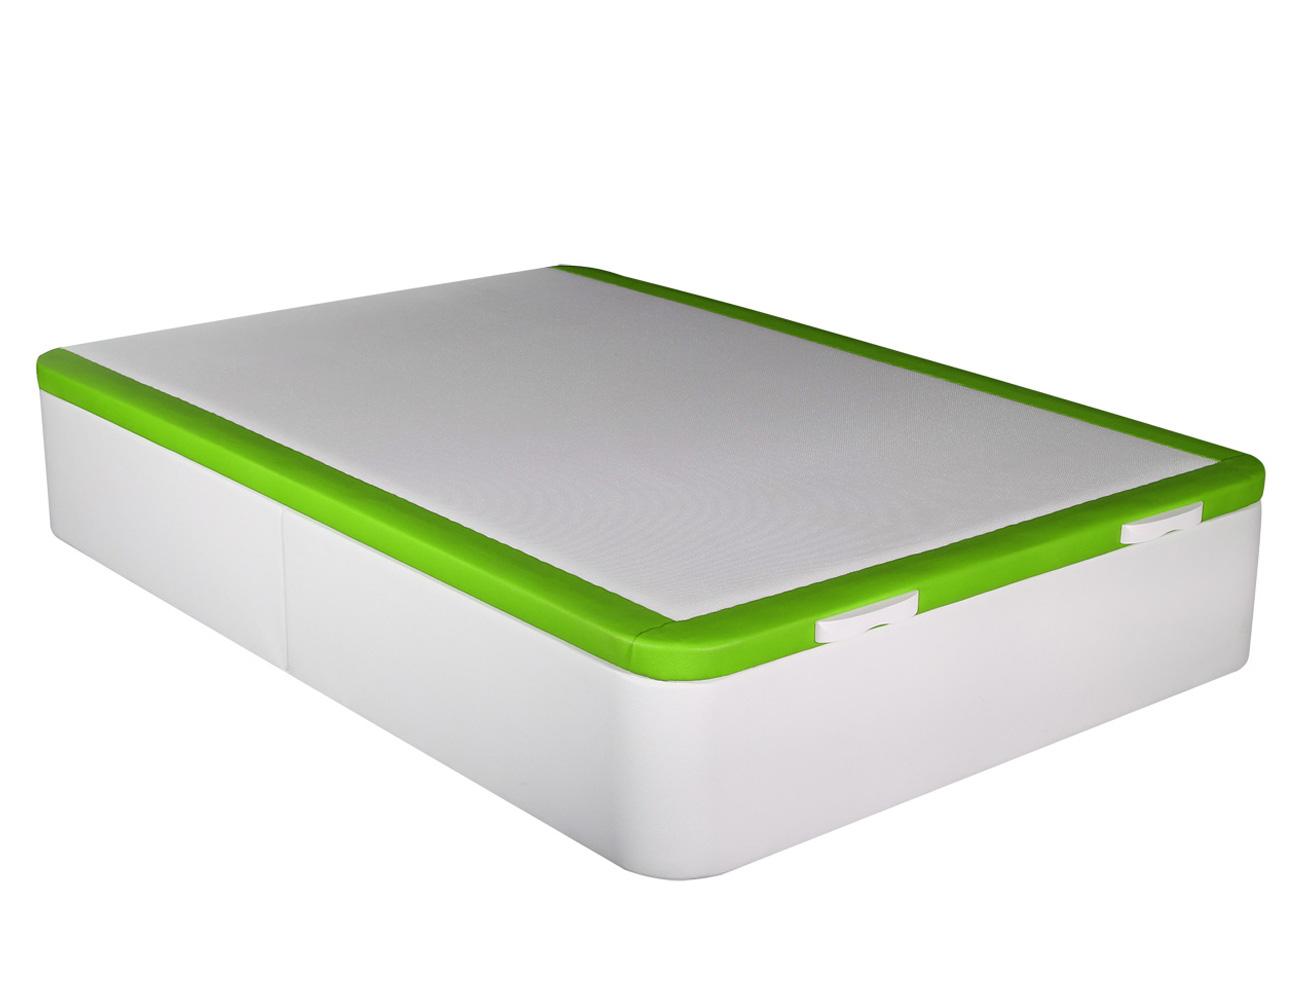 Canape polipiel blanco verde hercules